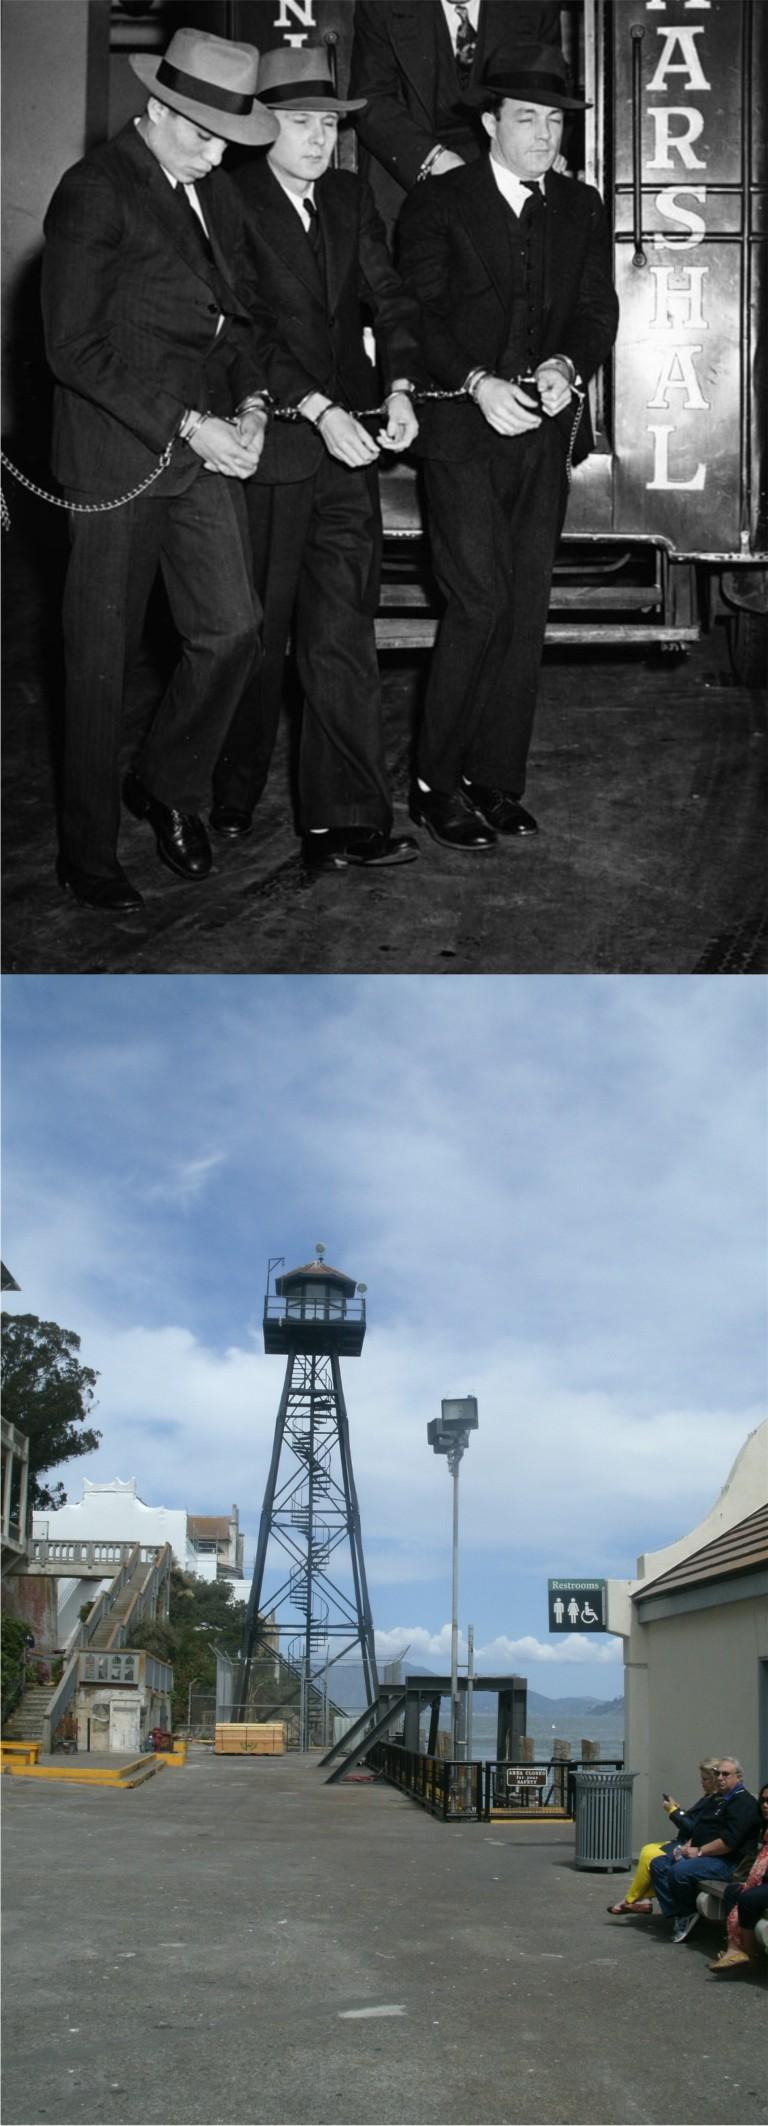 Alcatrazbloguse